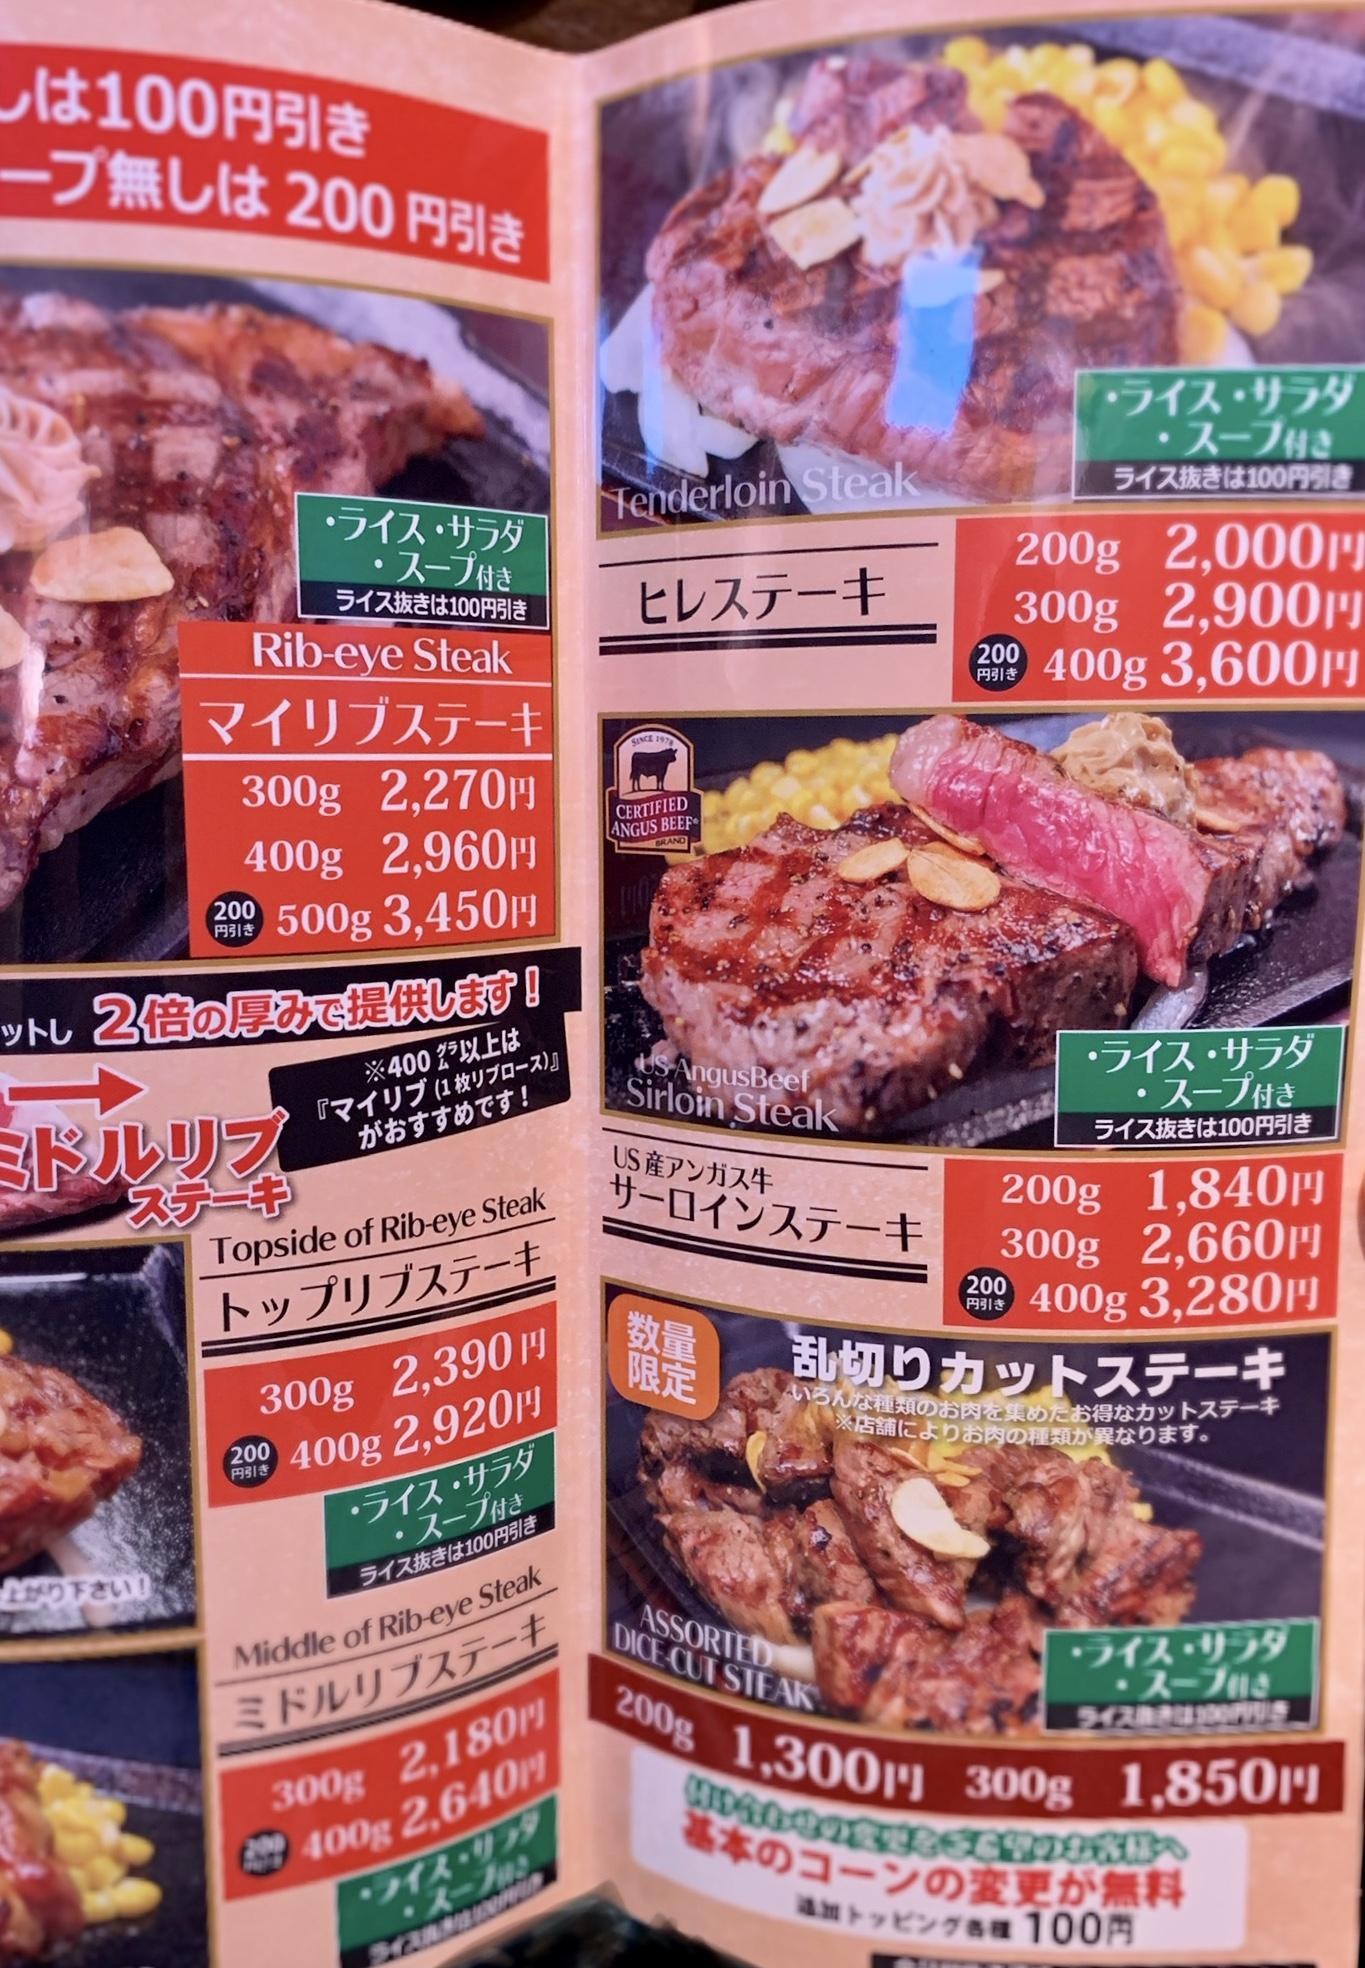 ランチ いきなり ステーキ 【起死回生!?】「いきなり! ステーキ」が店舗限定でサラダバー